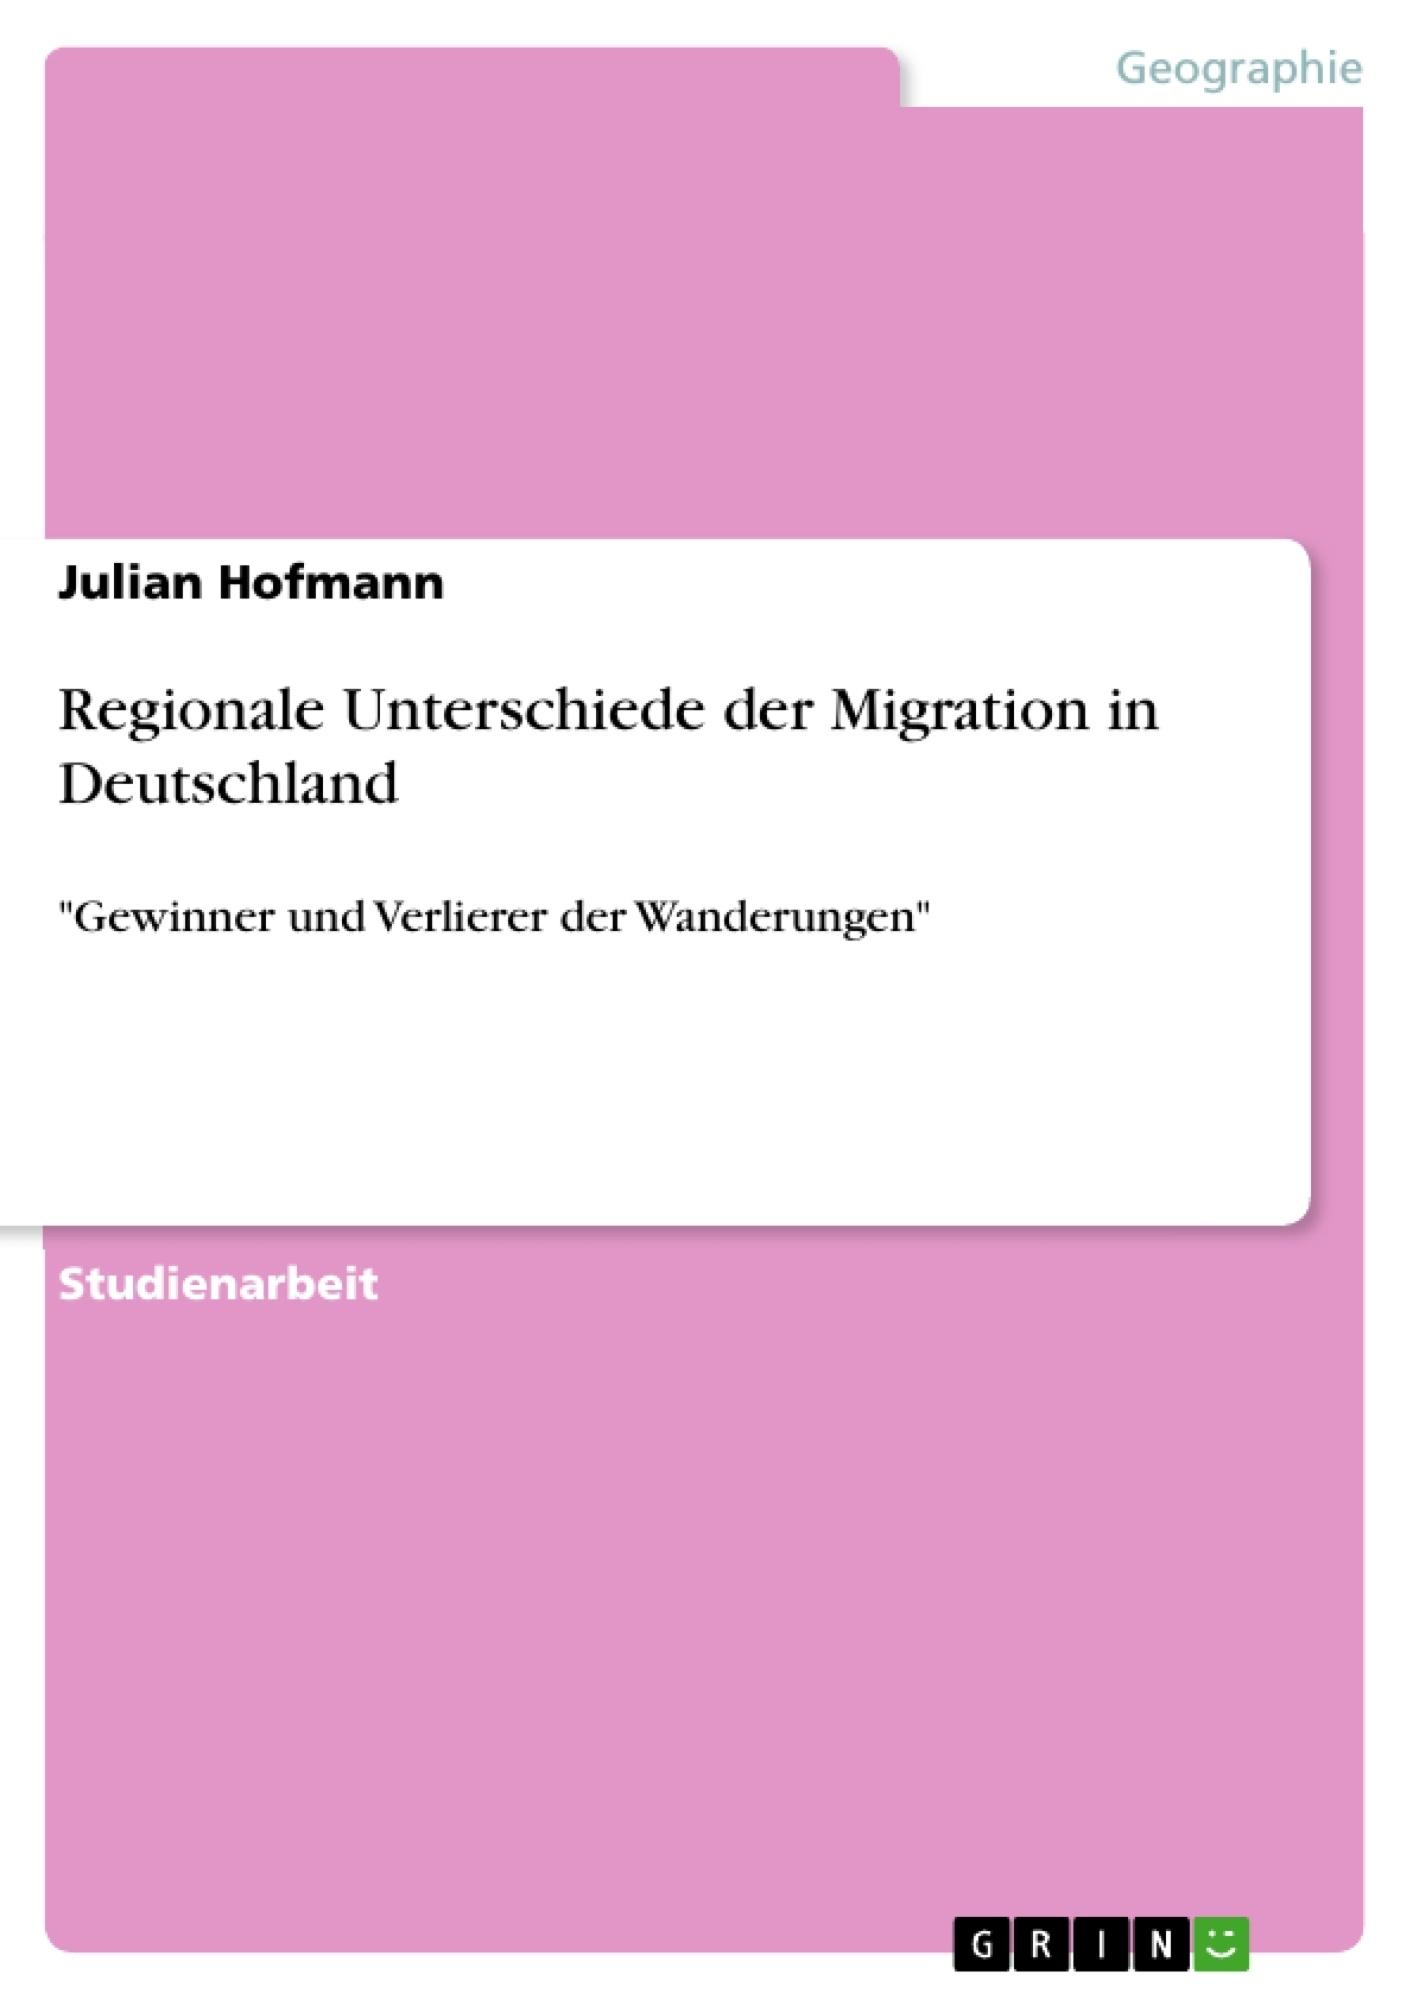 Titel: Regionale Unterschiede der Migration in Deutschland